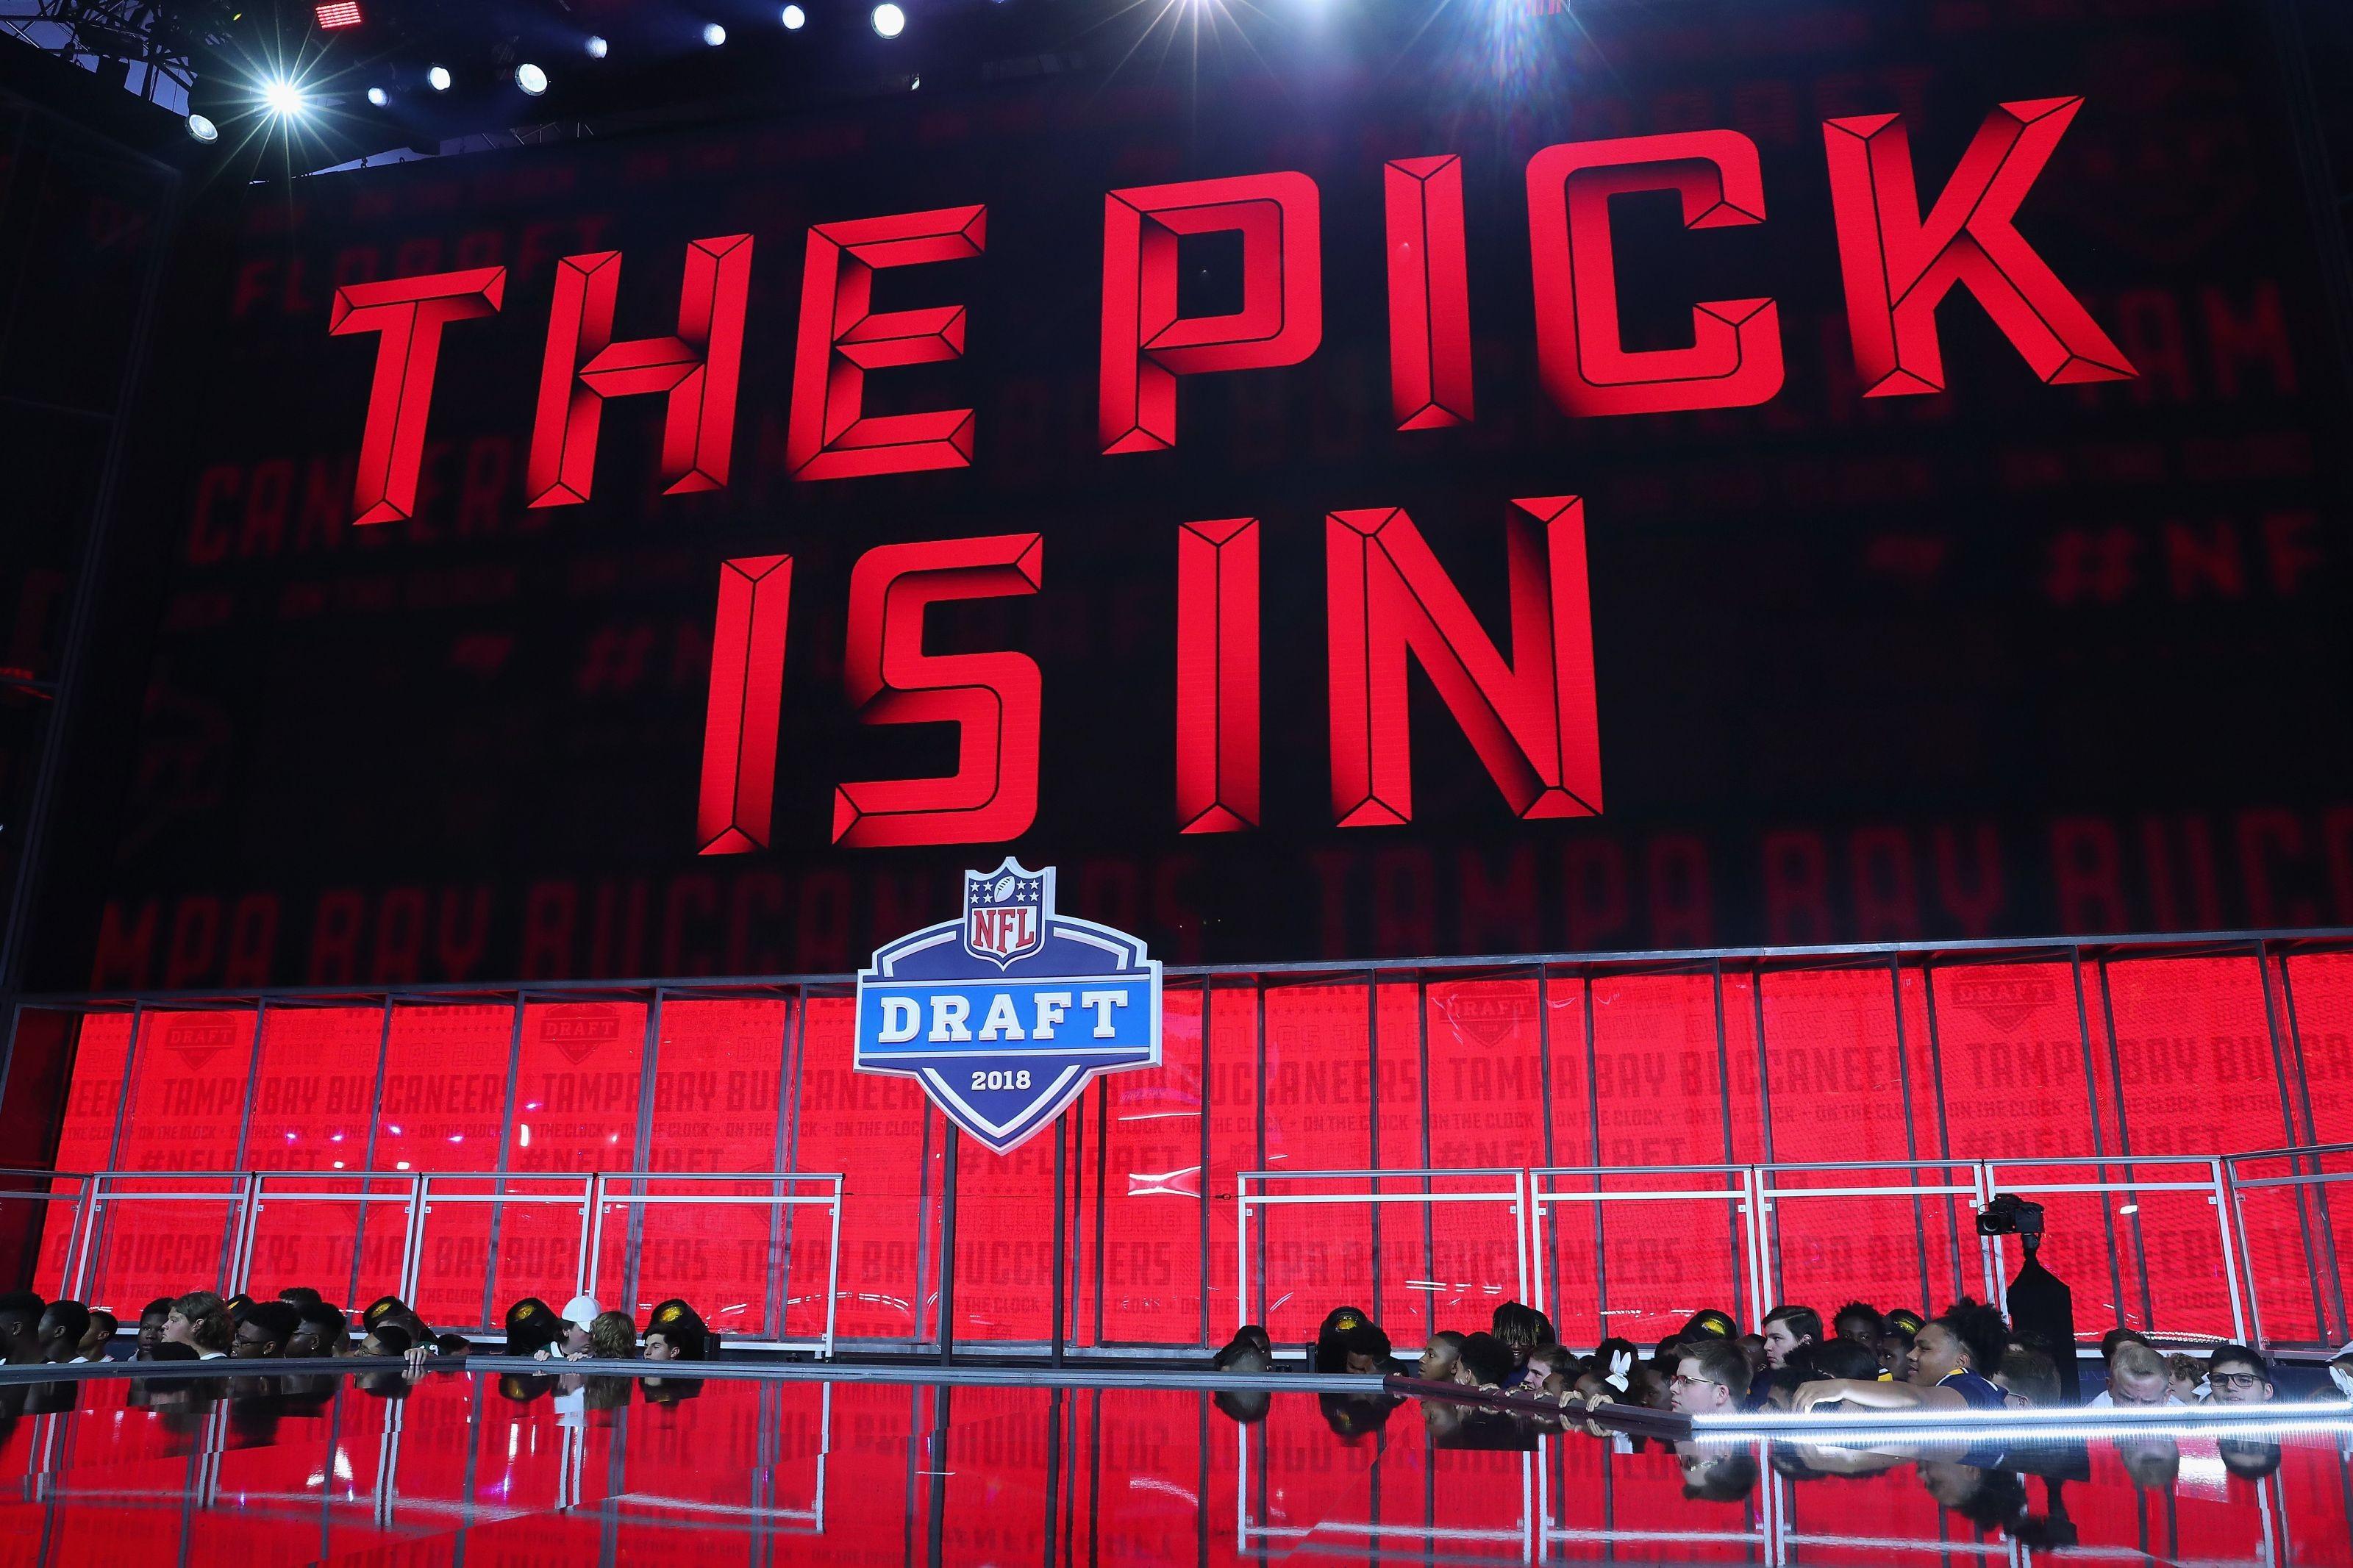 bucs draft picks 2020